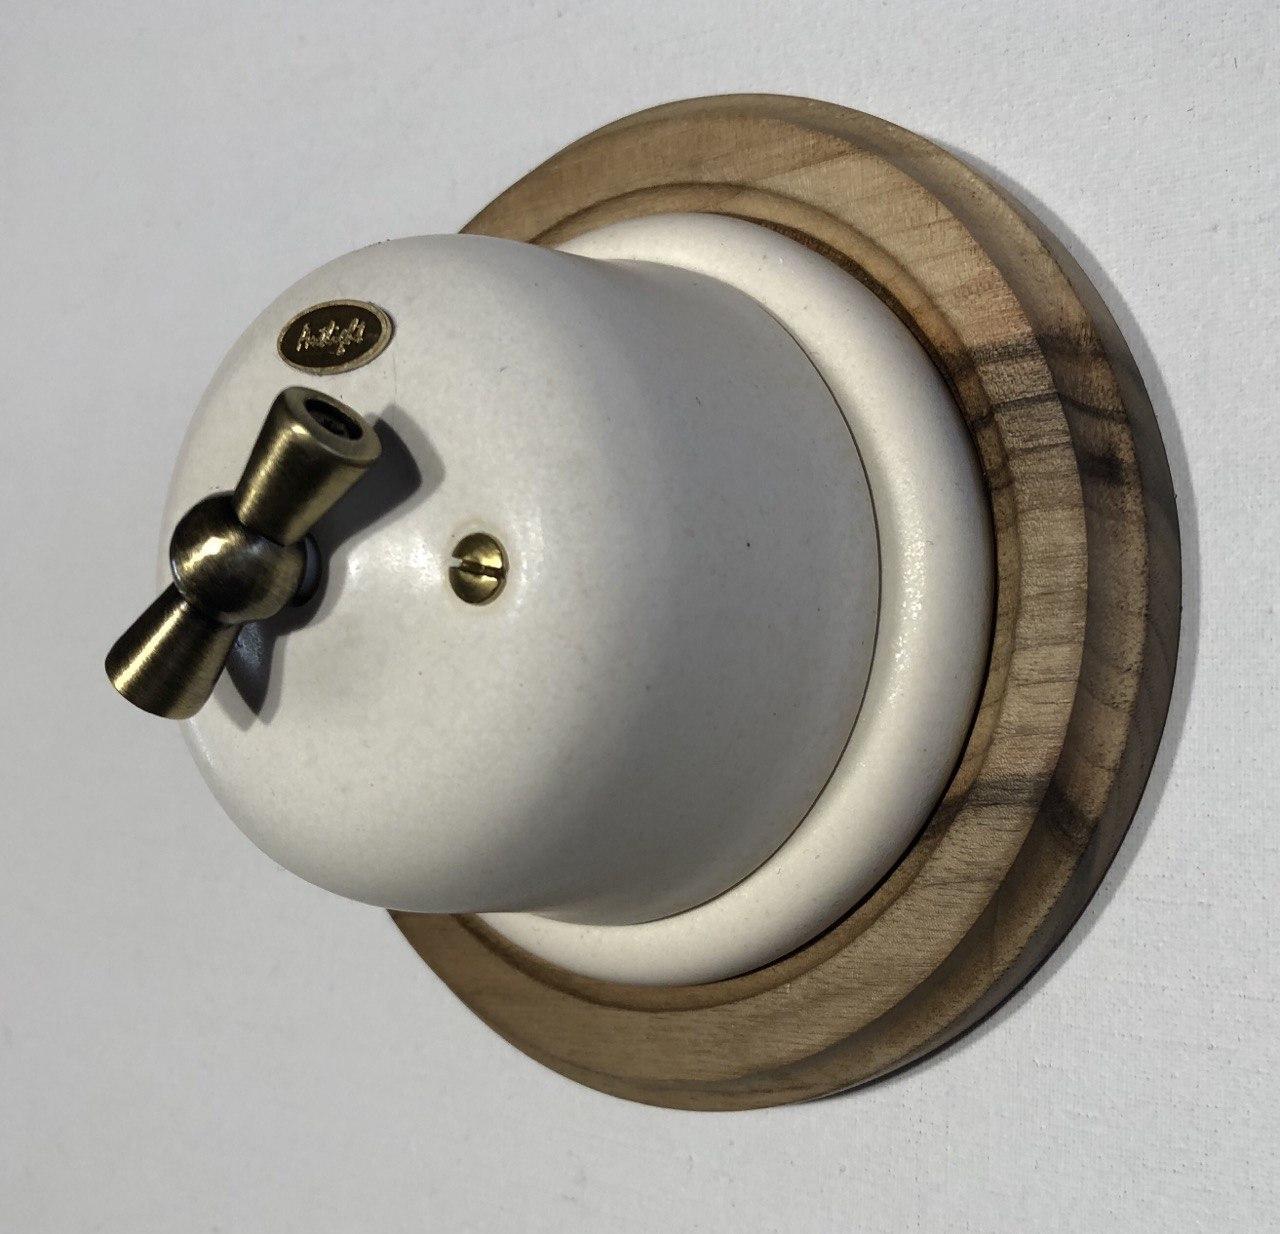 Ретро выключатель фарфоровый поворотный,1-клавишный проходной Lux Ivory, фурнитура дерево, бронза, хром.